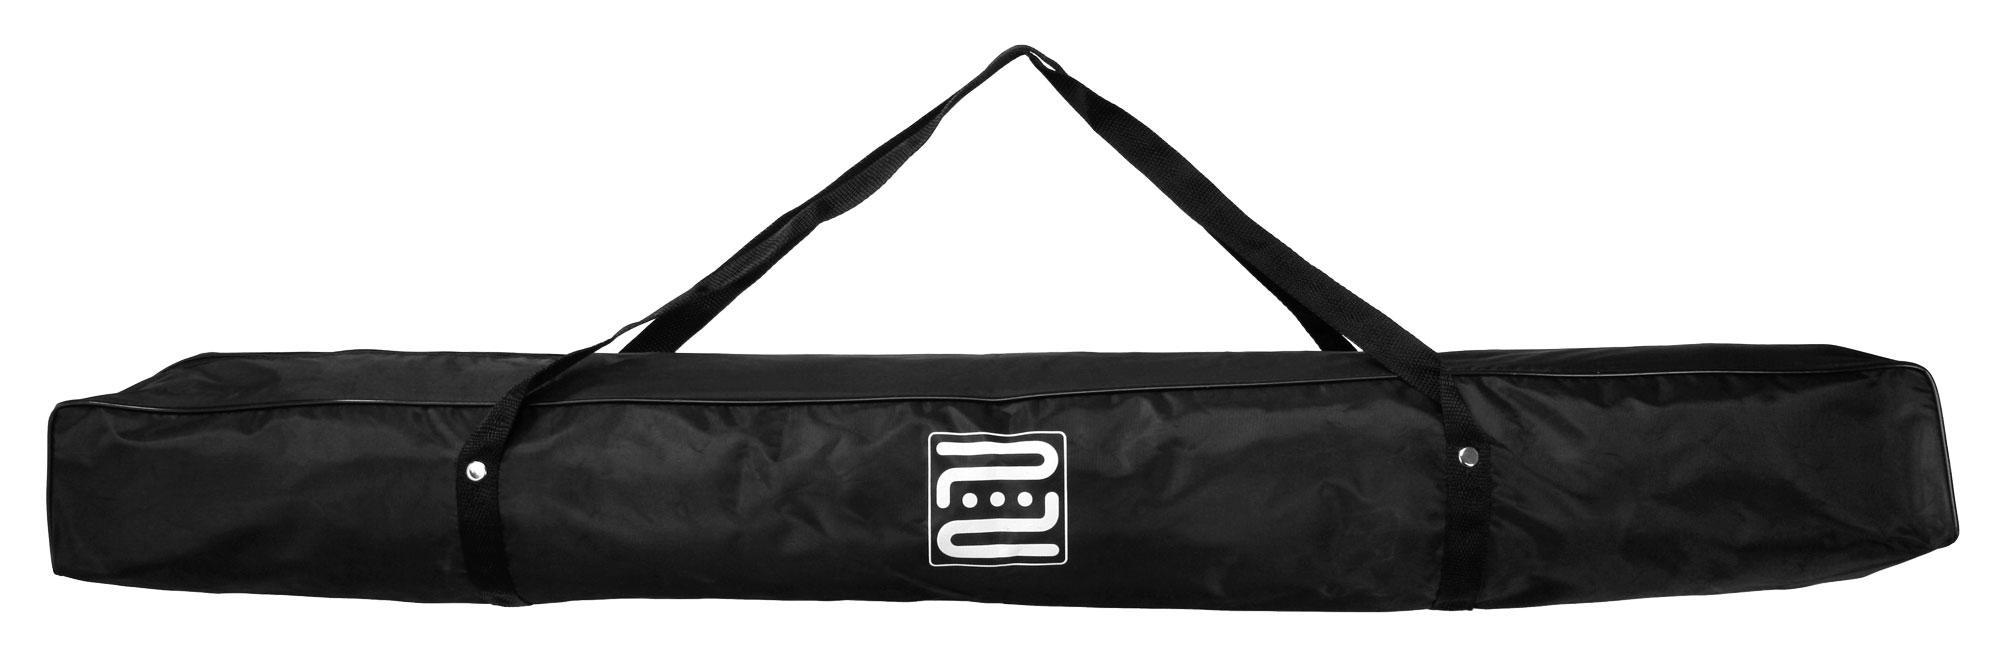 Studiozubehoer - Pronomic Tasche für Boxen oder Mikrofonstative - Onlineshop Musikhaus Kirstein